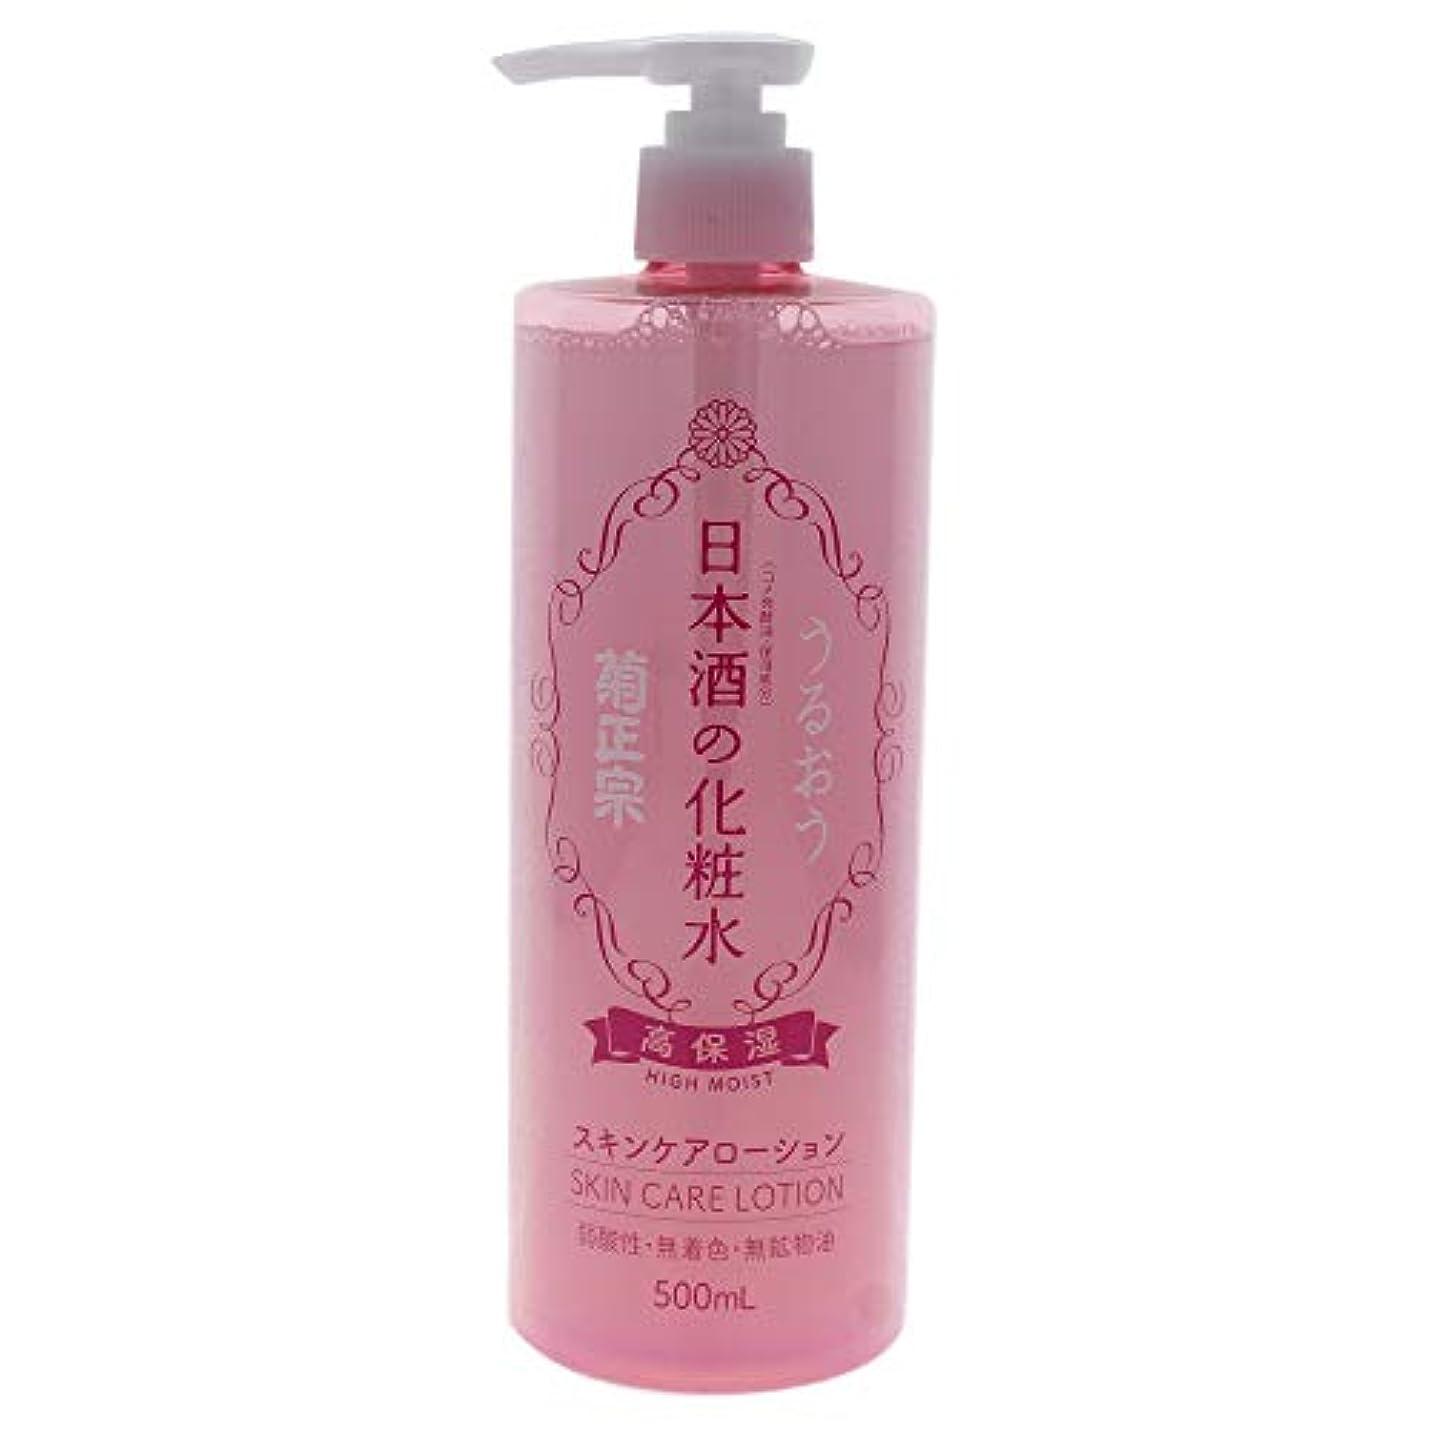 弁護士元のアヒル菊正宗 日本酒の化粧水 高保湿 単品 500ml